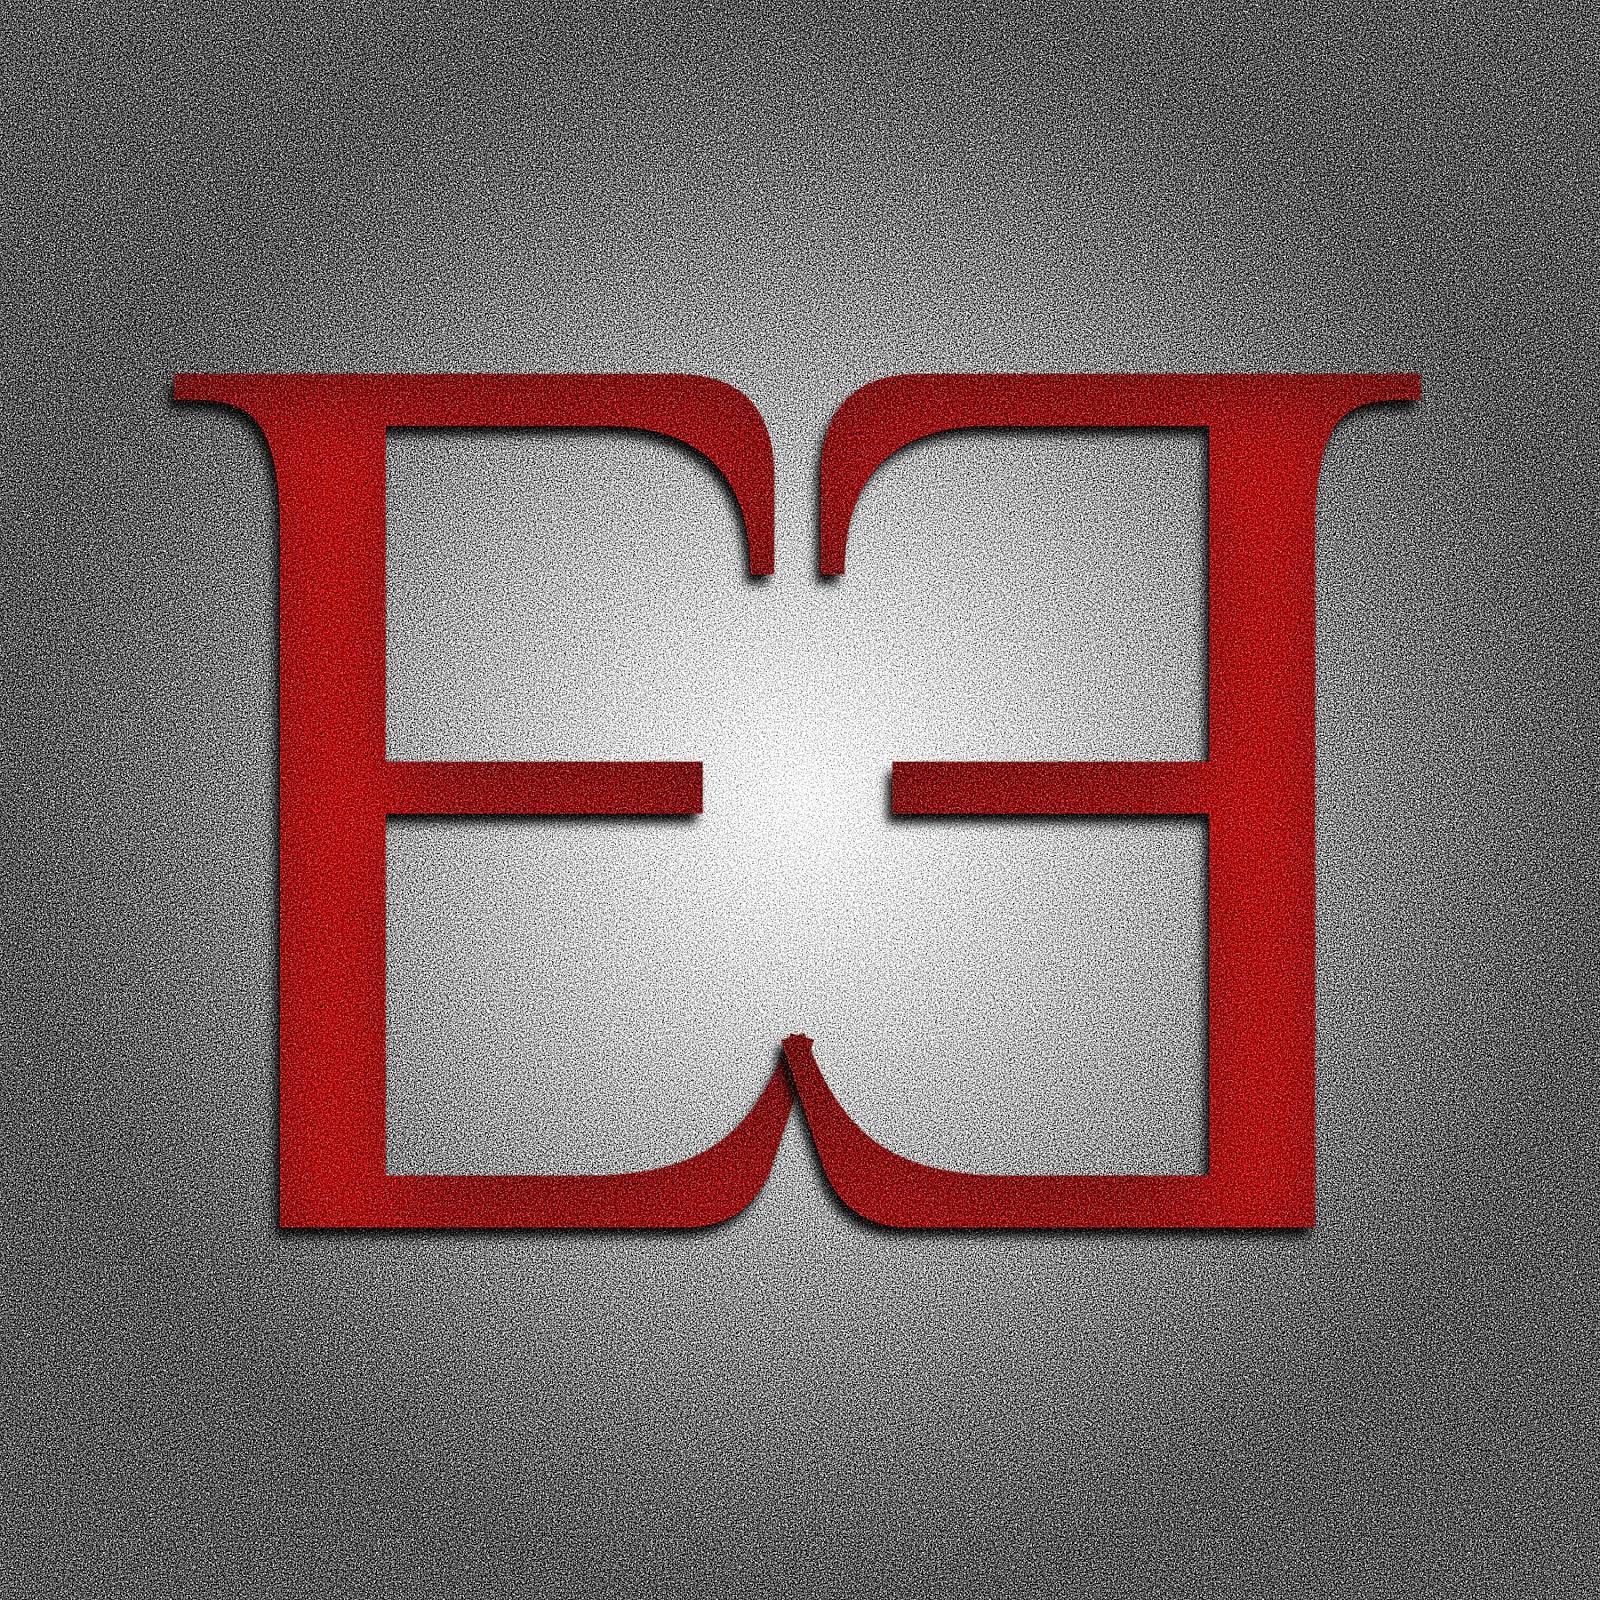 EL EV3NTO | luisbermejo.com | El Evento